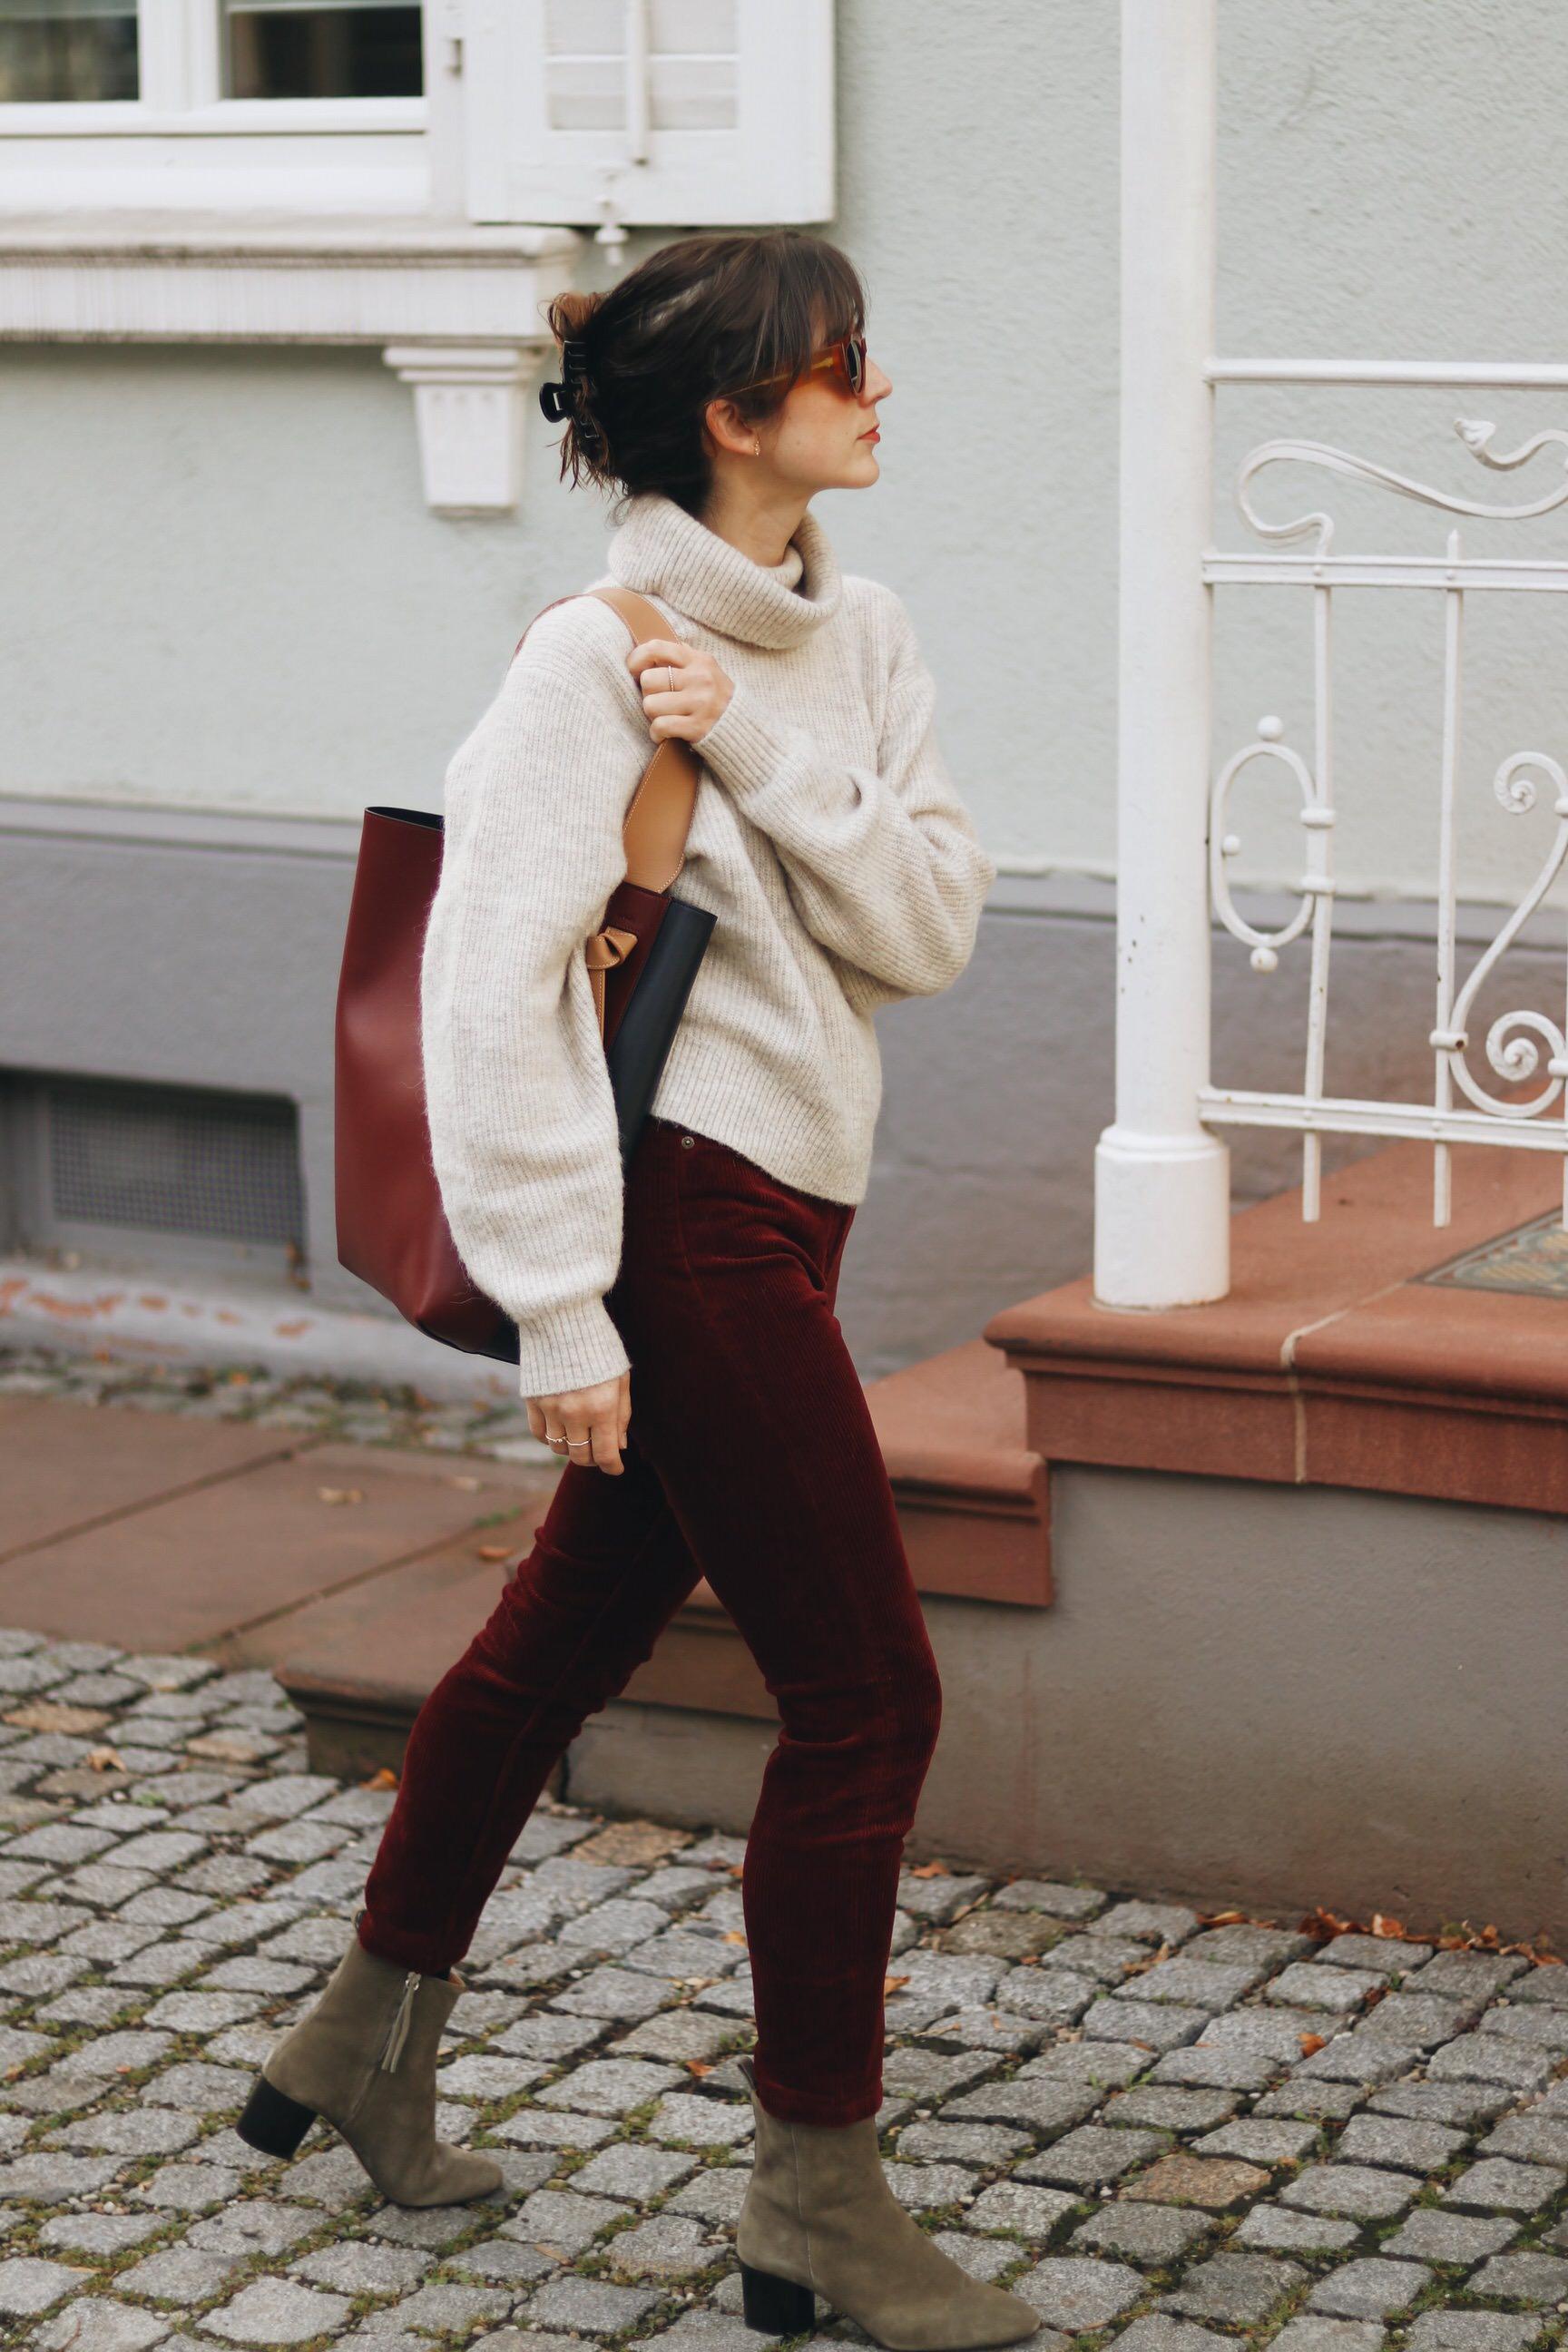 Samt Cord Outfit Modeblog Blog ootd Instagram Modeblogger